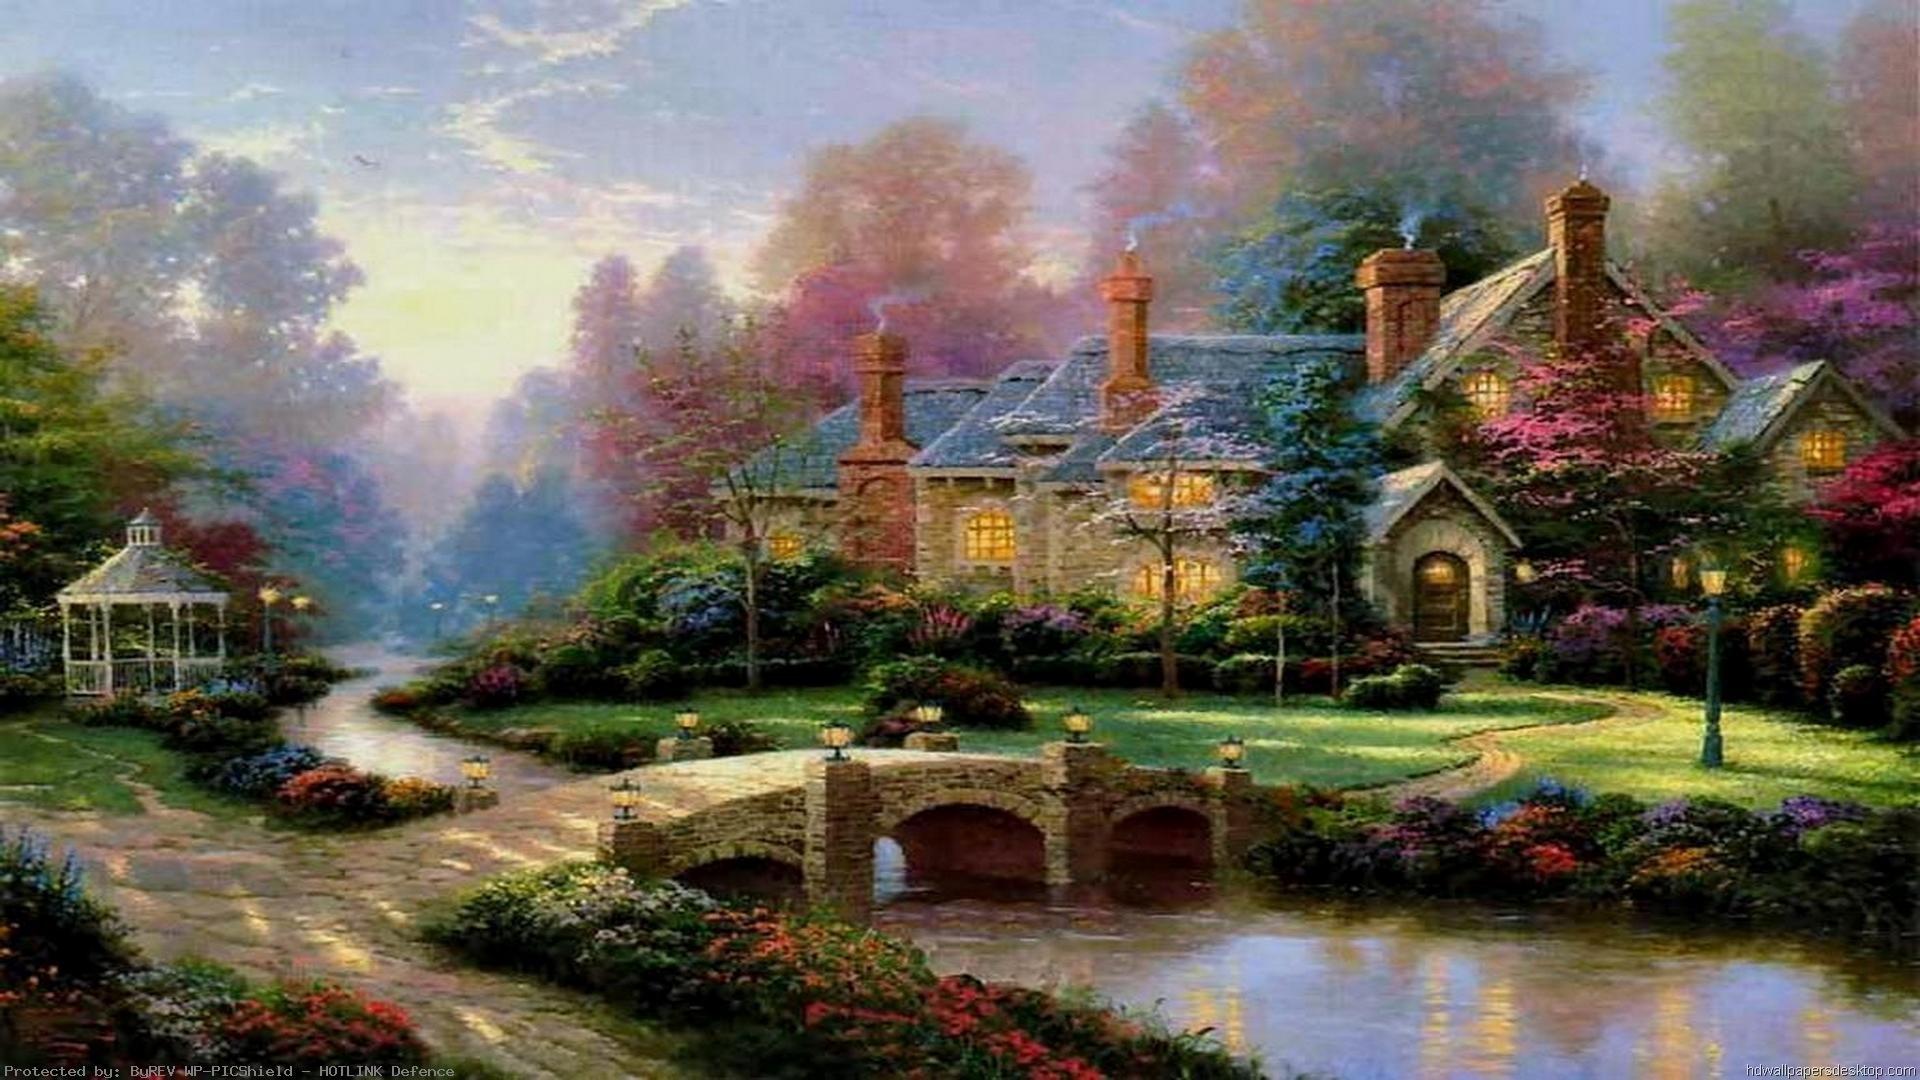 Thomas-Kinkade-Summer-Paintings-Thomas-Kinkade-Paintings-Art-